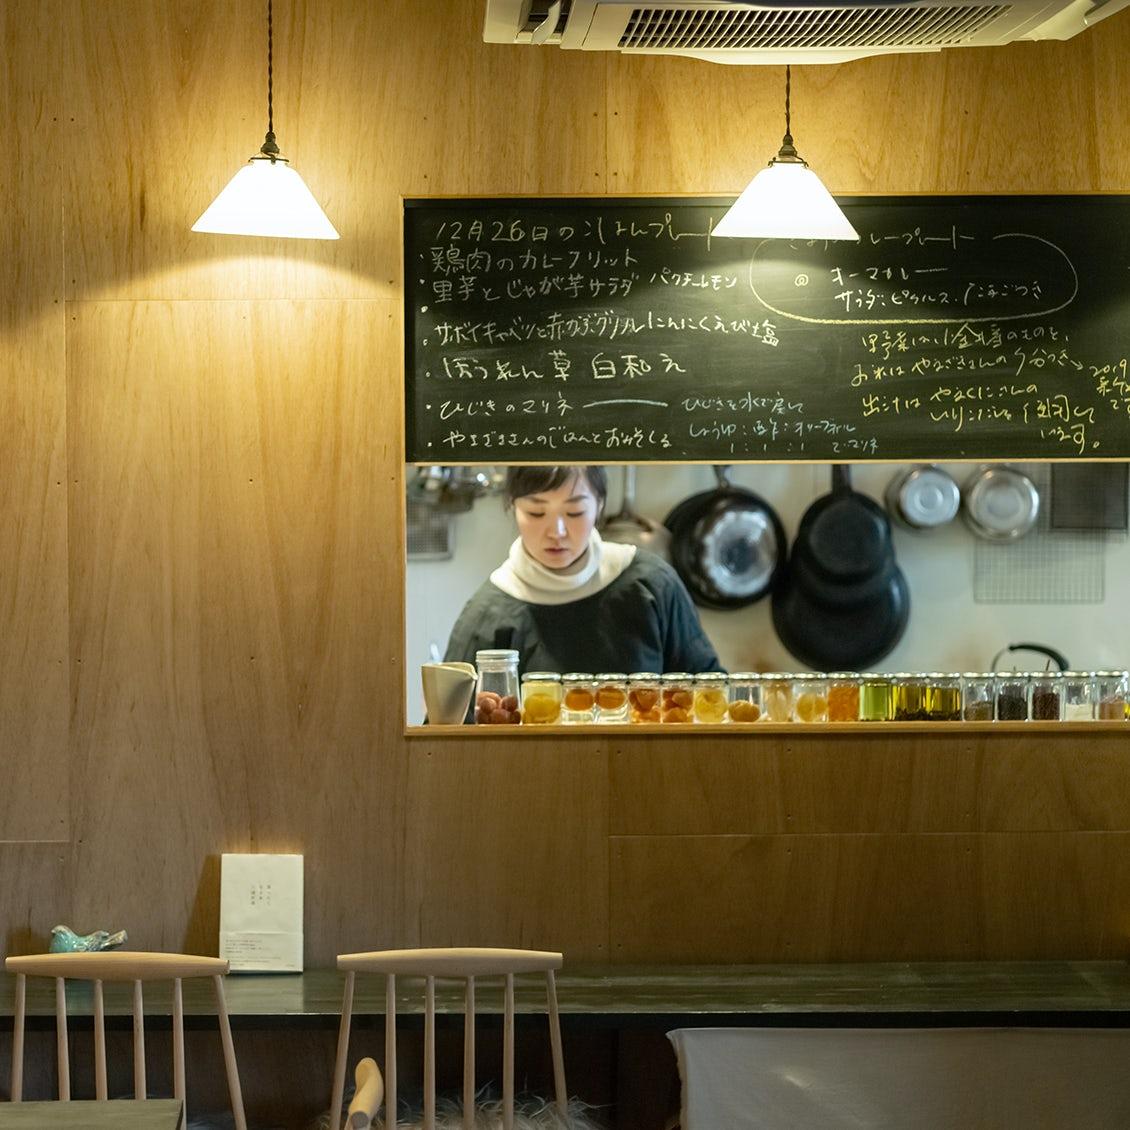 【メルマガ限定】心の春じたくも少しずつ。「あたらしい日常料理 ふじわら」店主・藤原奈緒さんのエッセイが始まります。